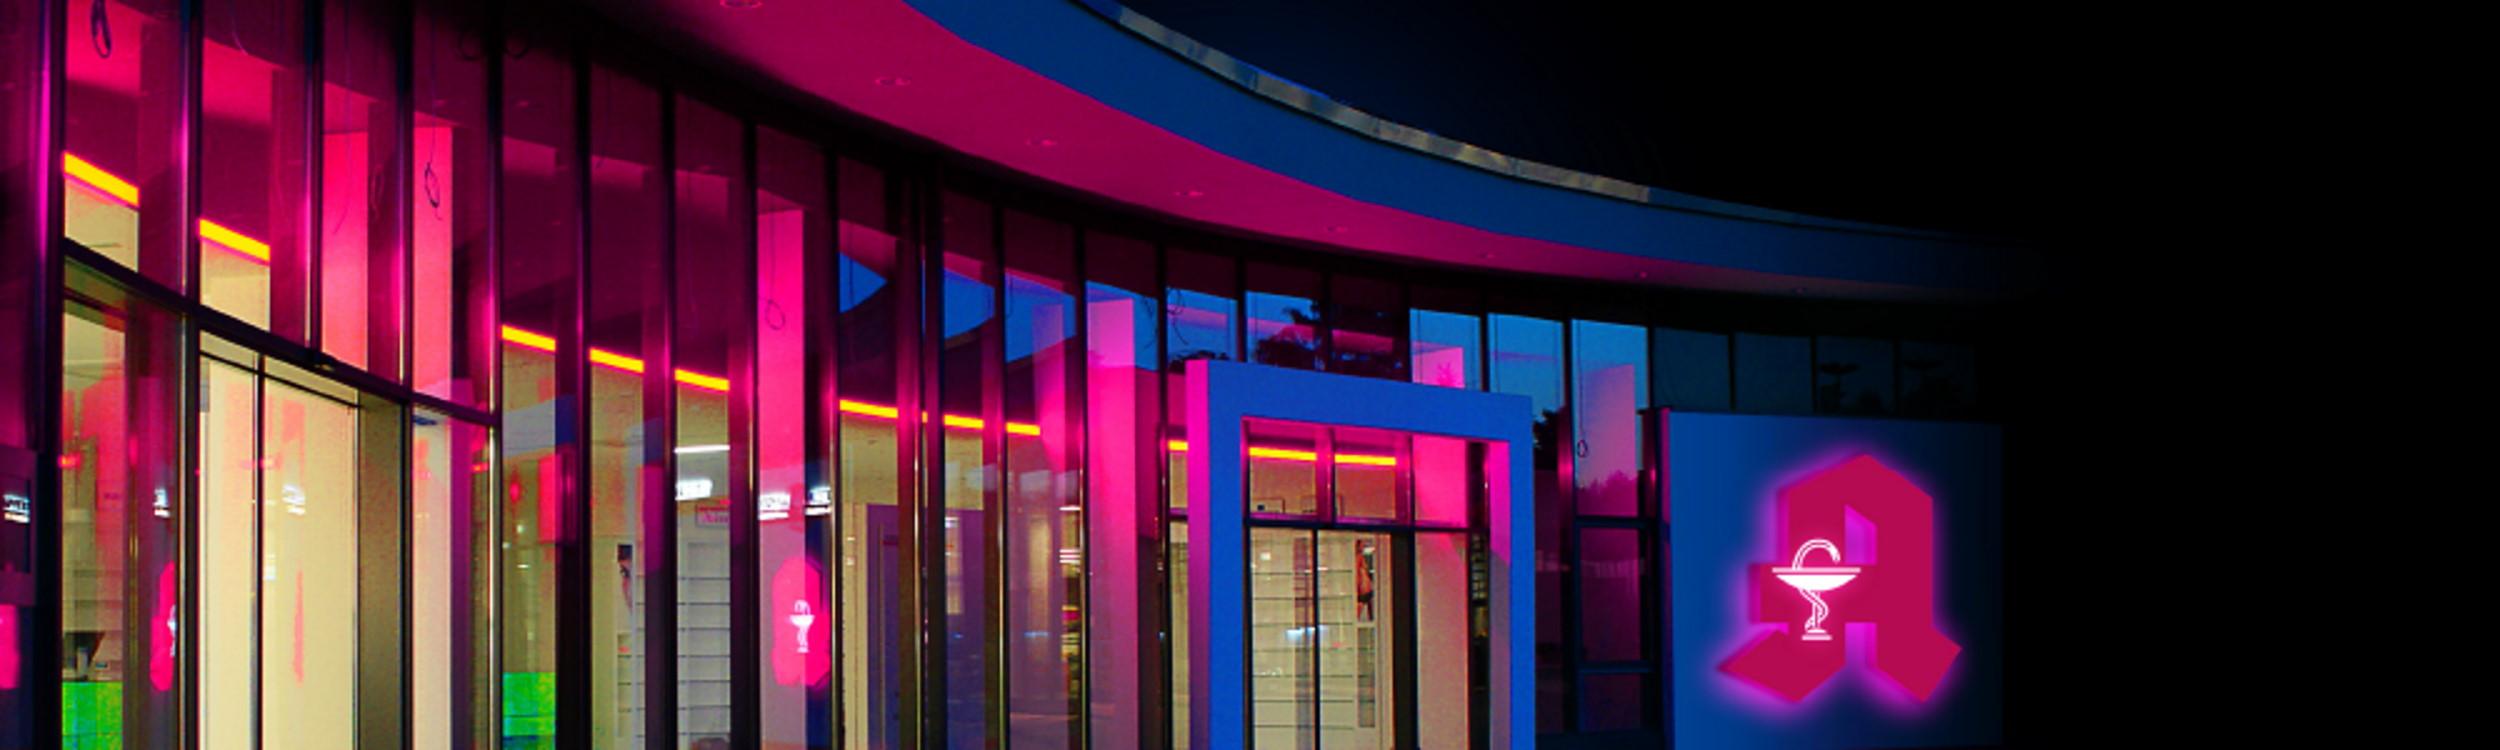 neon-nagel_inhalts-slider_Leuchtreklame